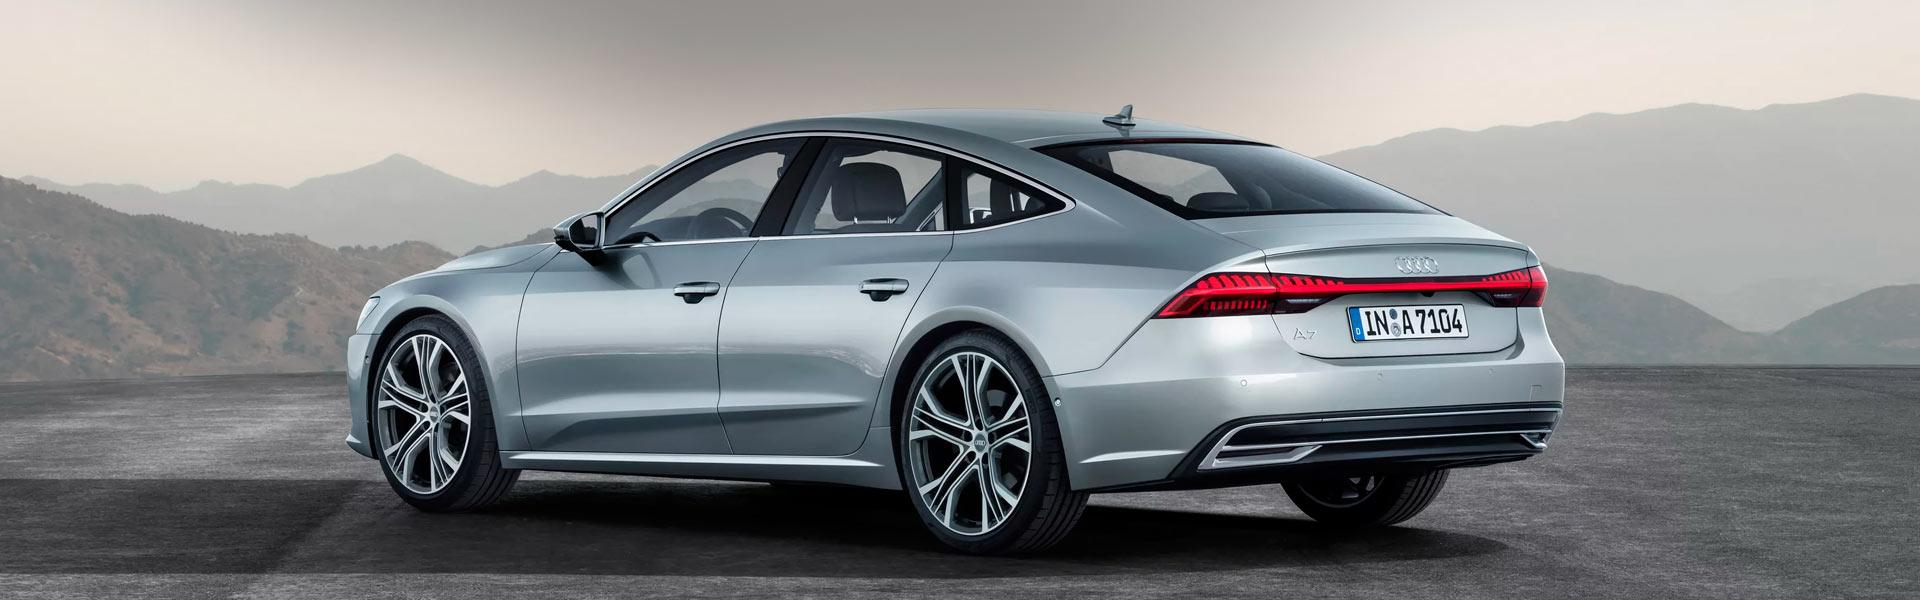 Сервис Audi A7